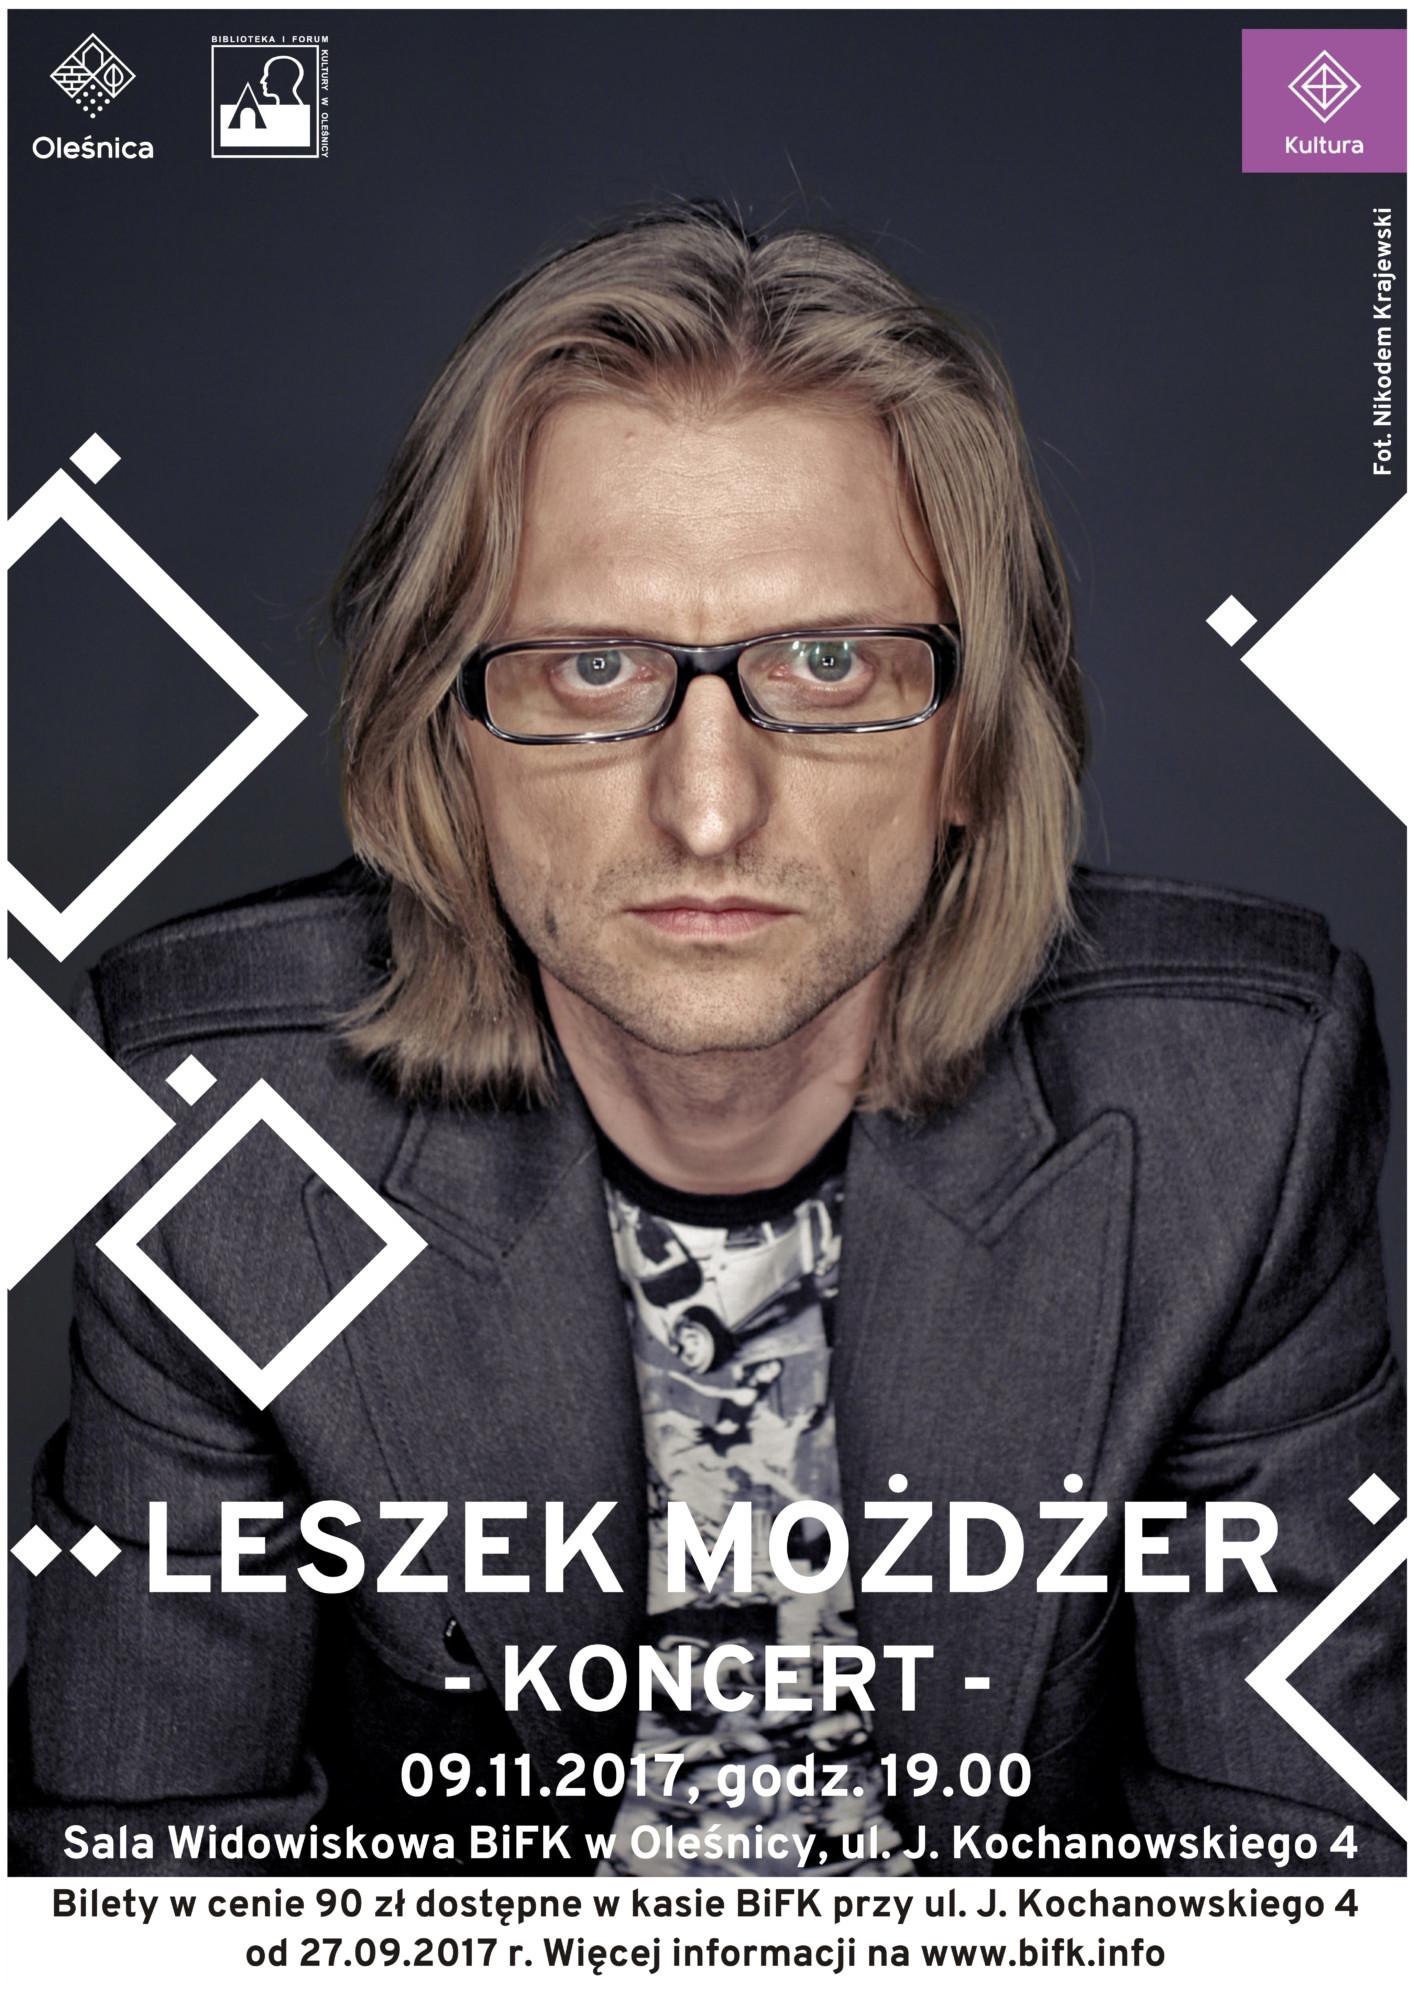 Leszek Możdżer